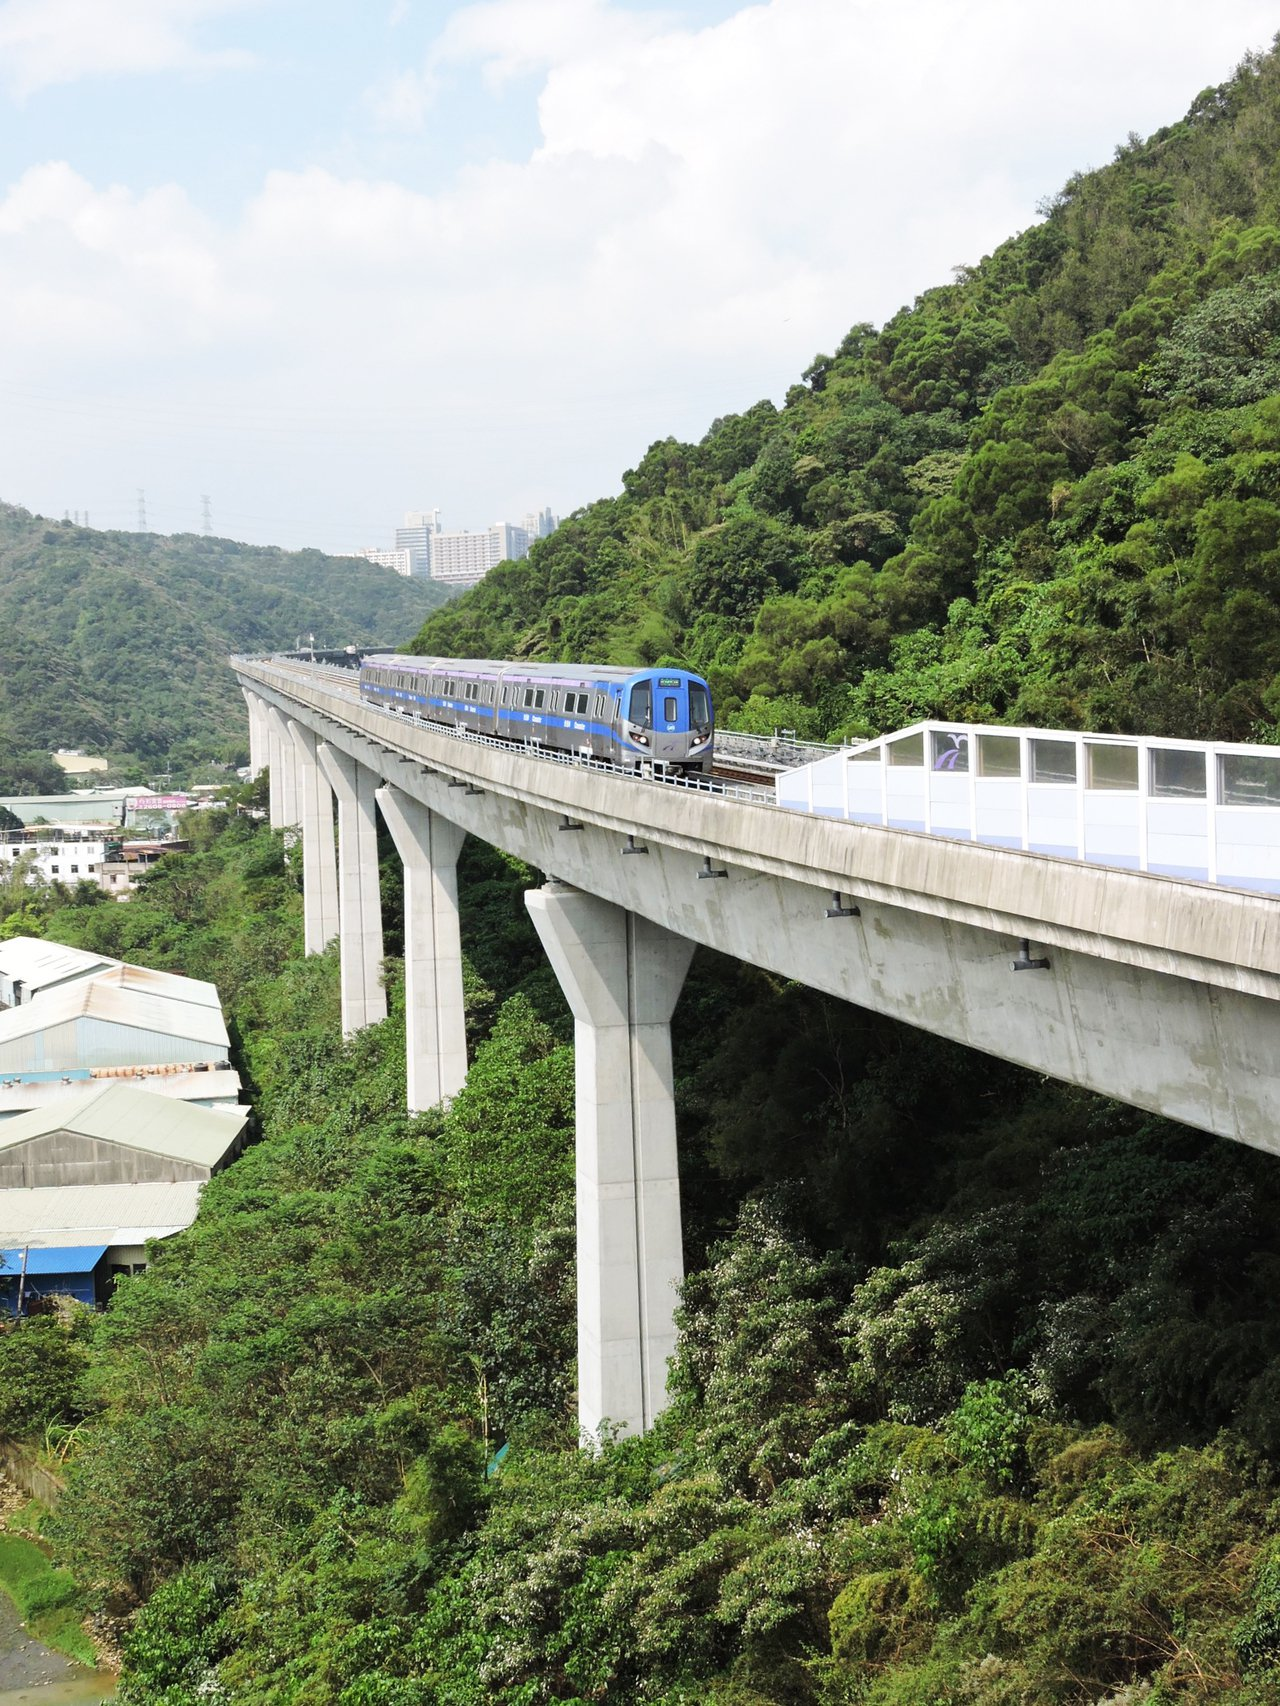 機場捷運拚年底通車,目前積極試車提升穩定度,但有民眾反映,機捷行經上下坡路段馬達...